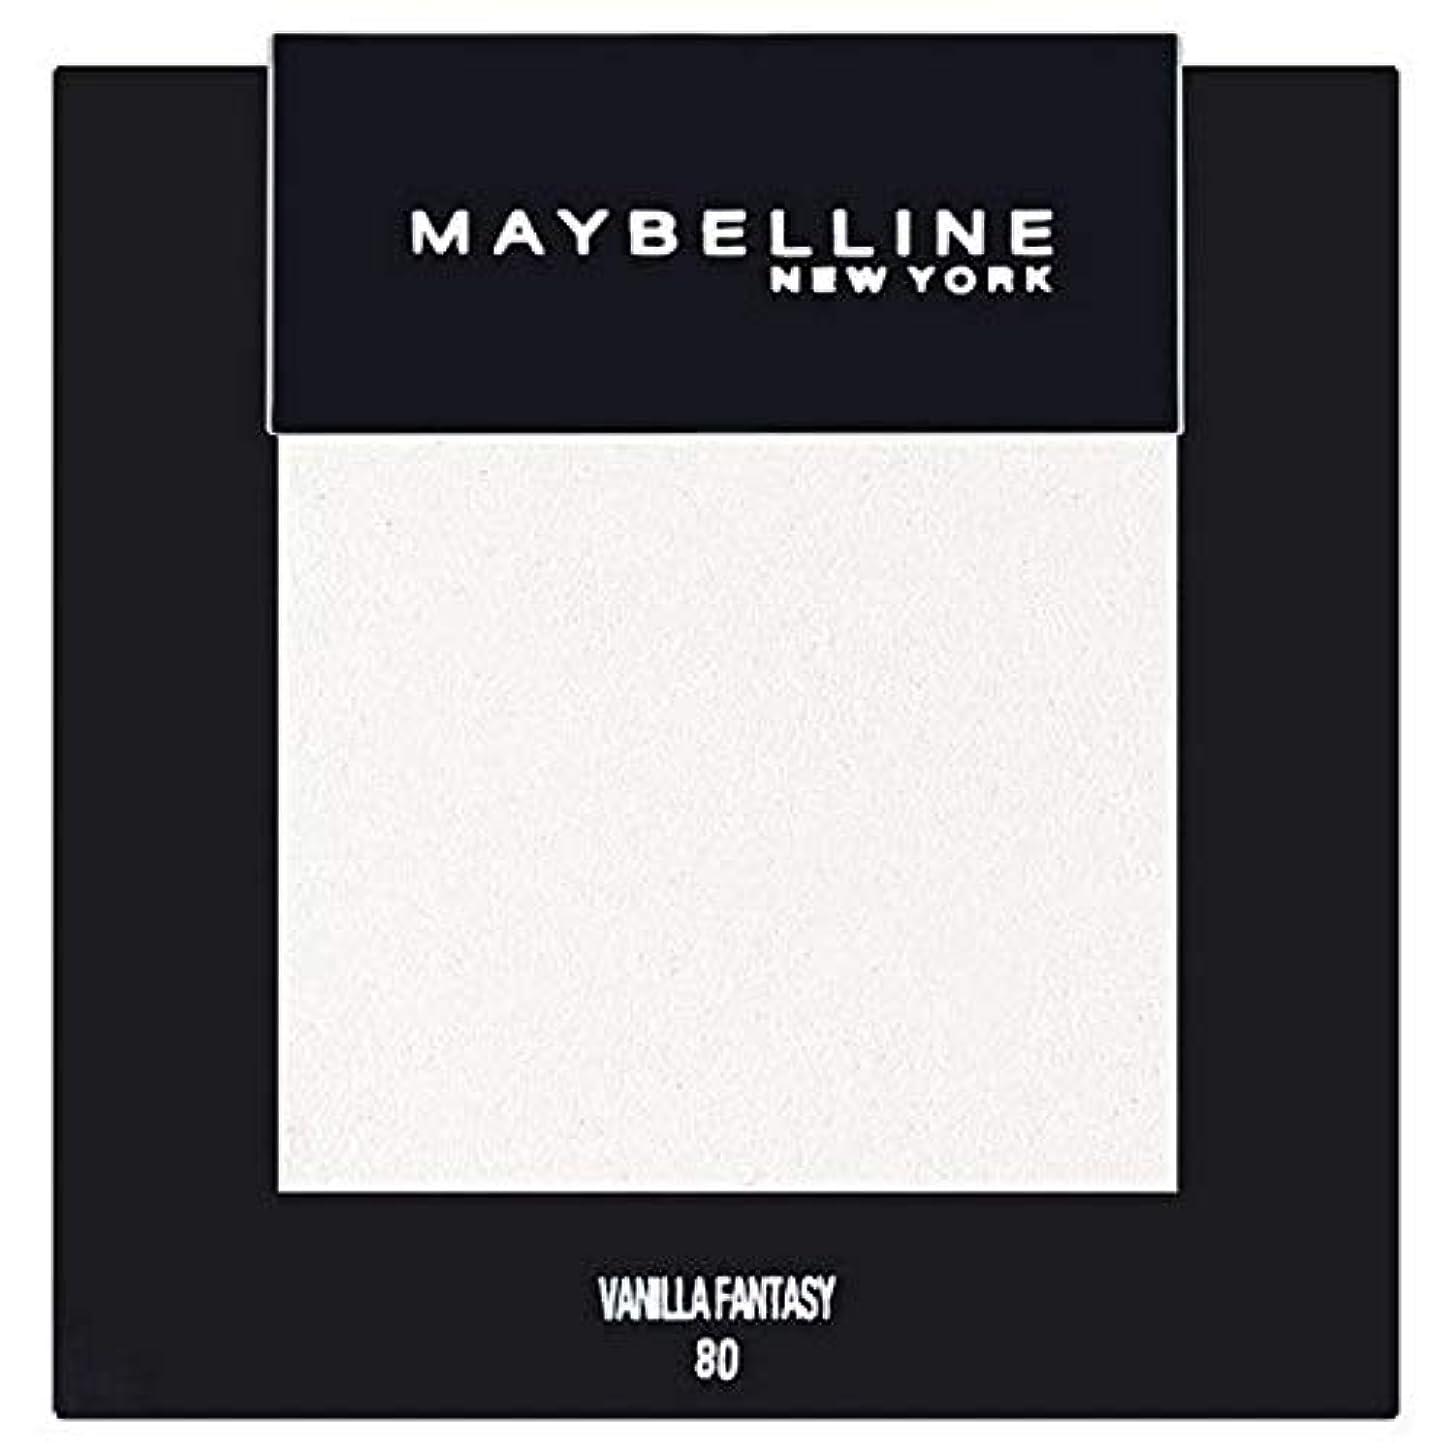 すぐに戦術翻訳する[Maybelline ] メイベリンカラーショーシングルアイシャドウ80バニラ - Maybelline Color Show Single Eyeshadow 80 Vanilla [並行輸入品]